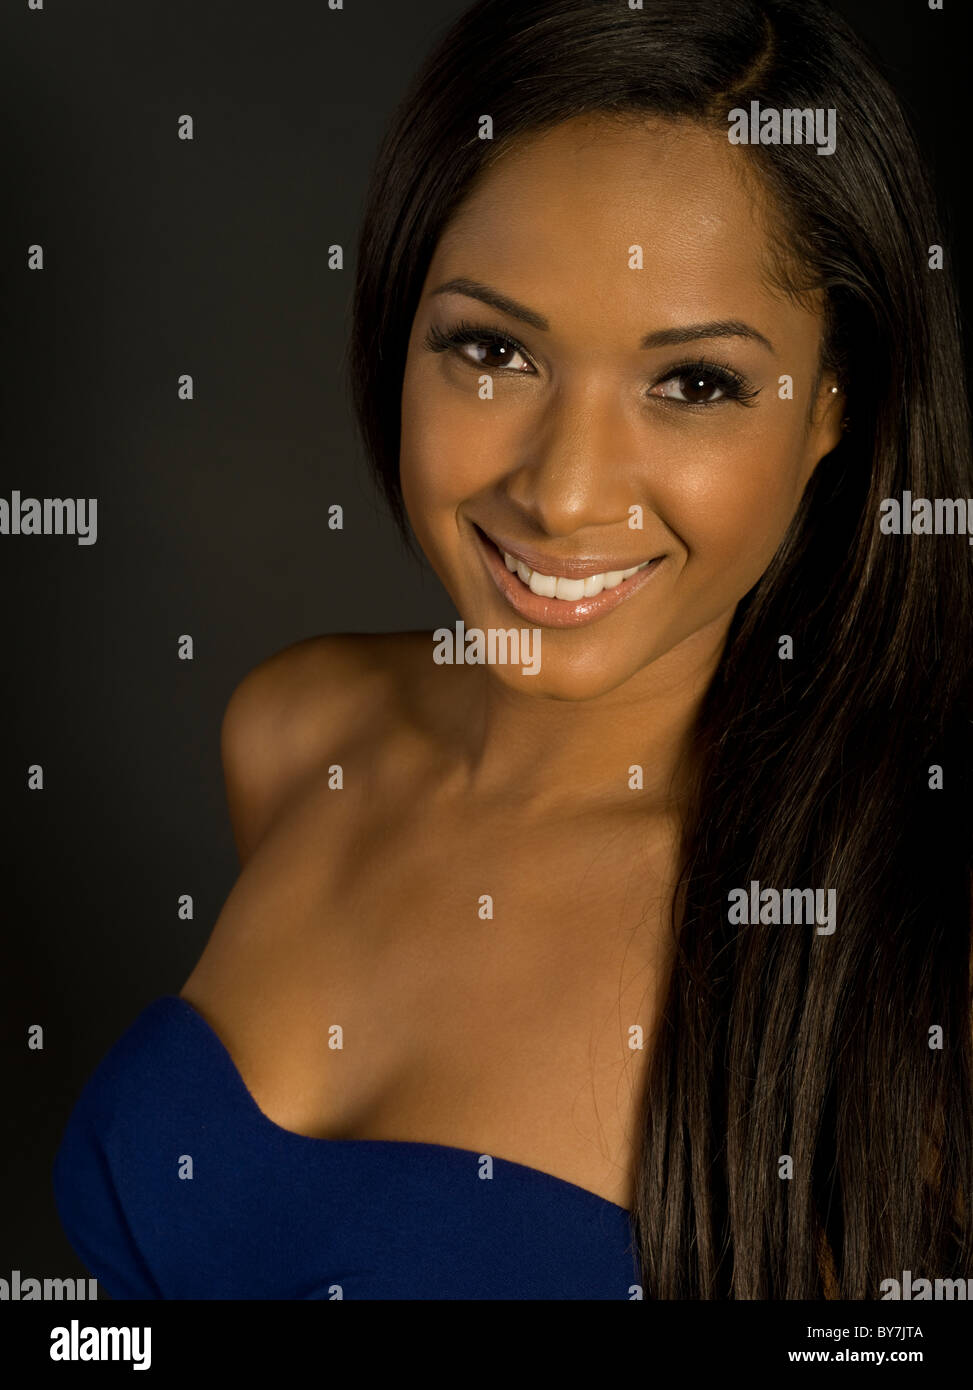 Portrait Studio belle femme la trentaine cheveux noir droit smiling Photo Stock